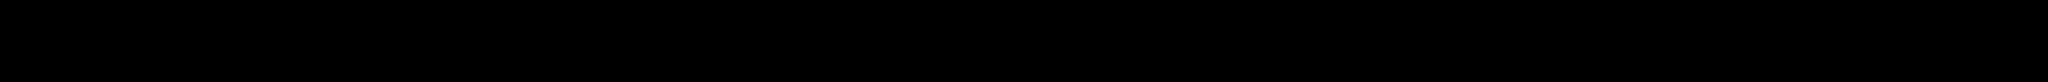 BOSCH AR 650 U Viskerblad